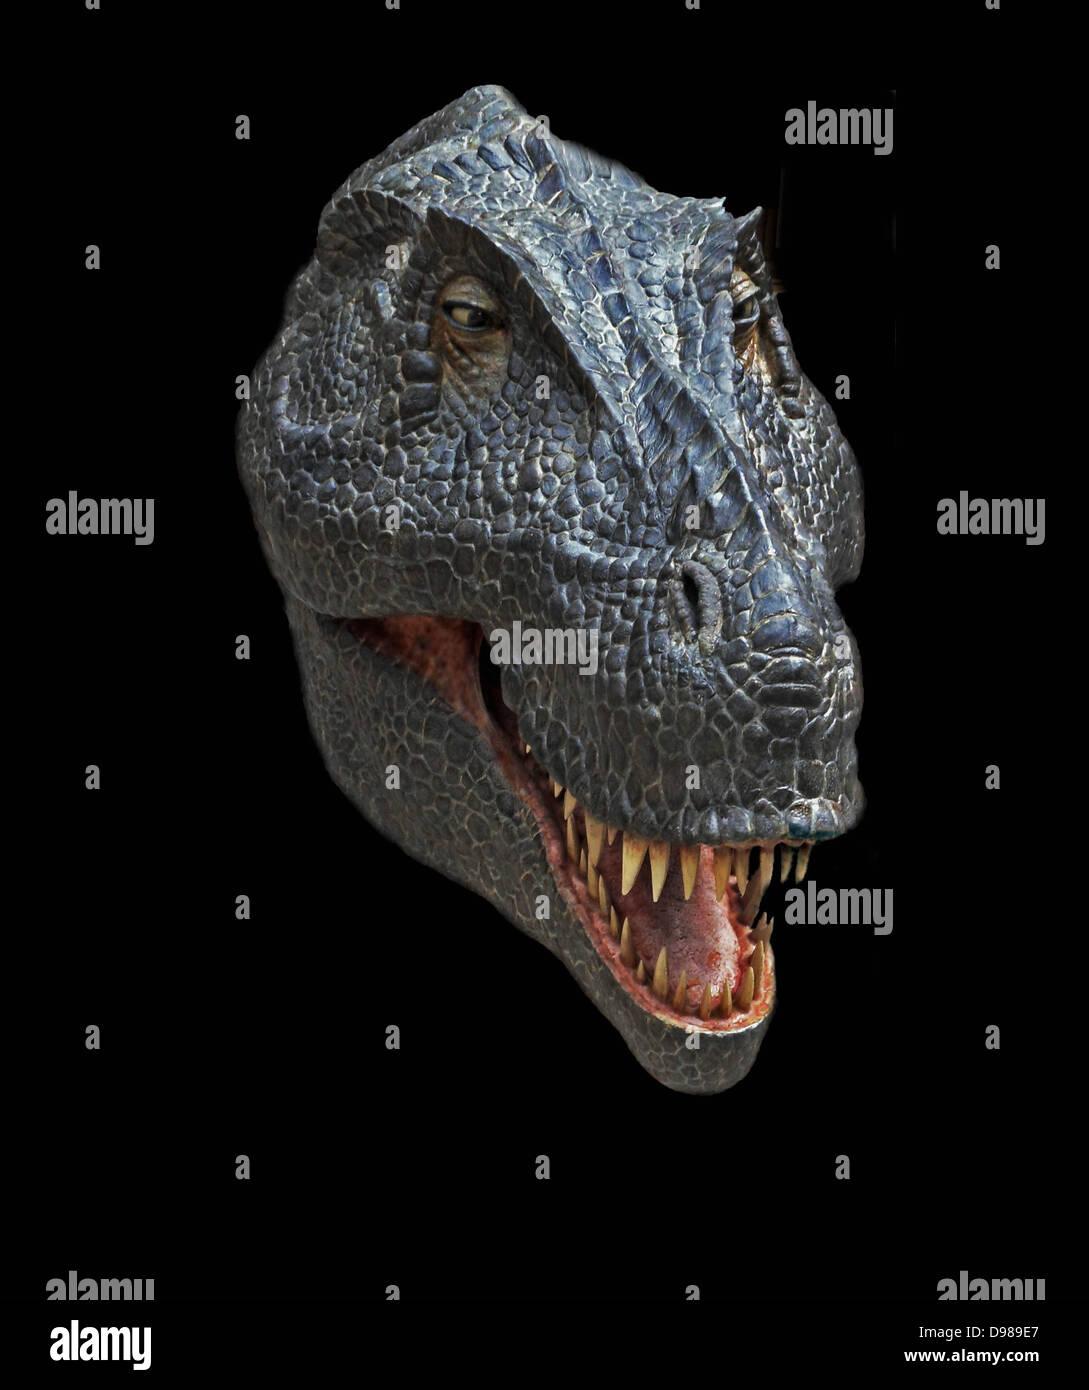 Reconstrucción de la cabeza del Cretácico tardío dinosaurio Tyrannosaurus rex Imagen De Stock